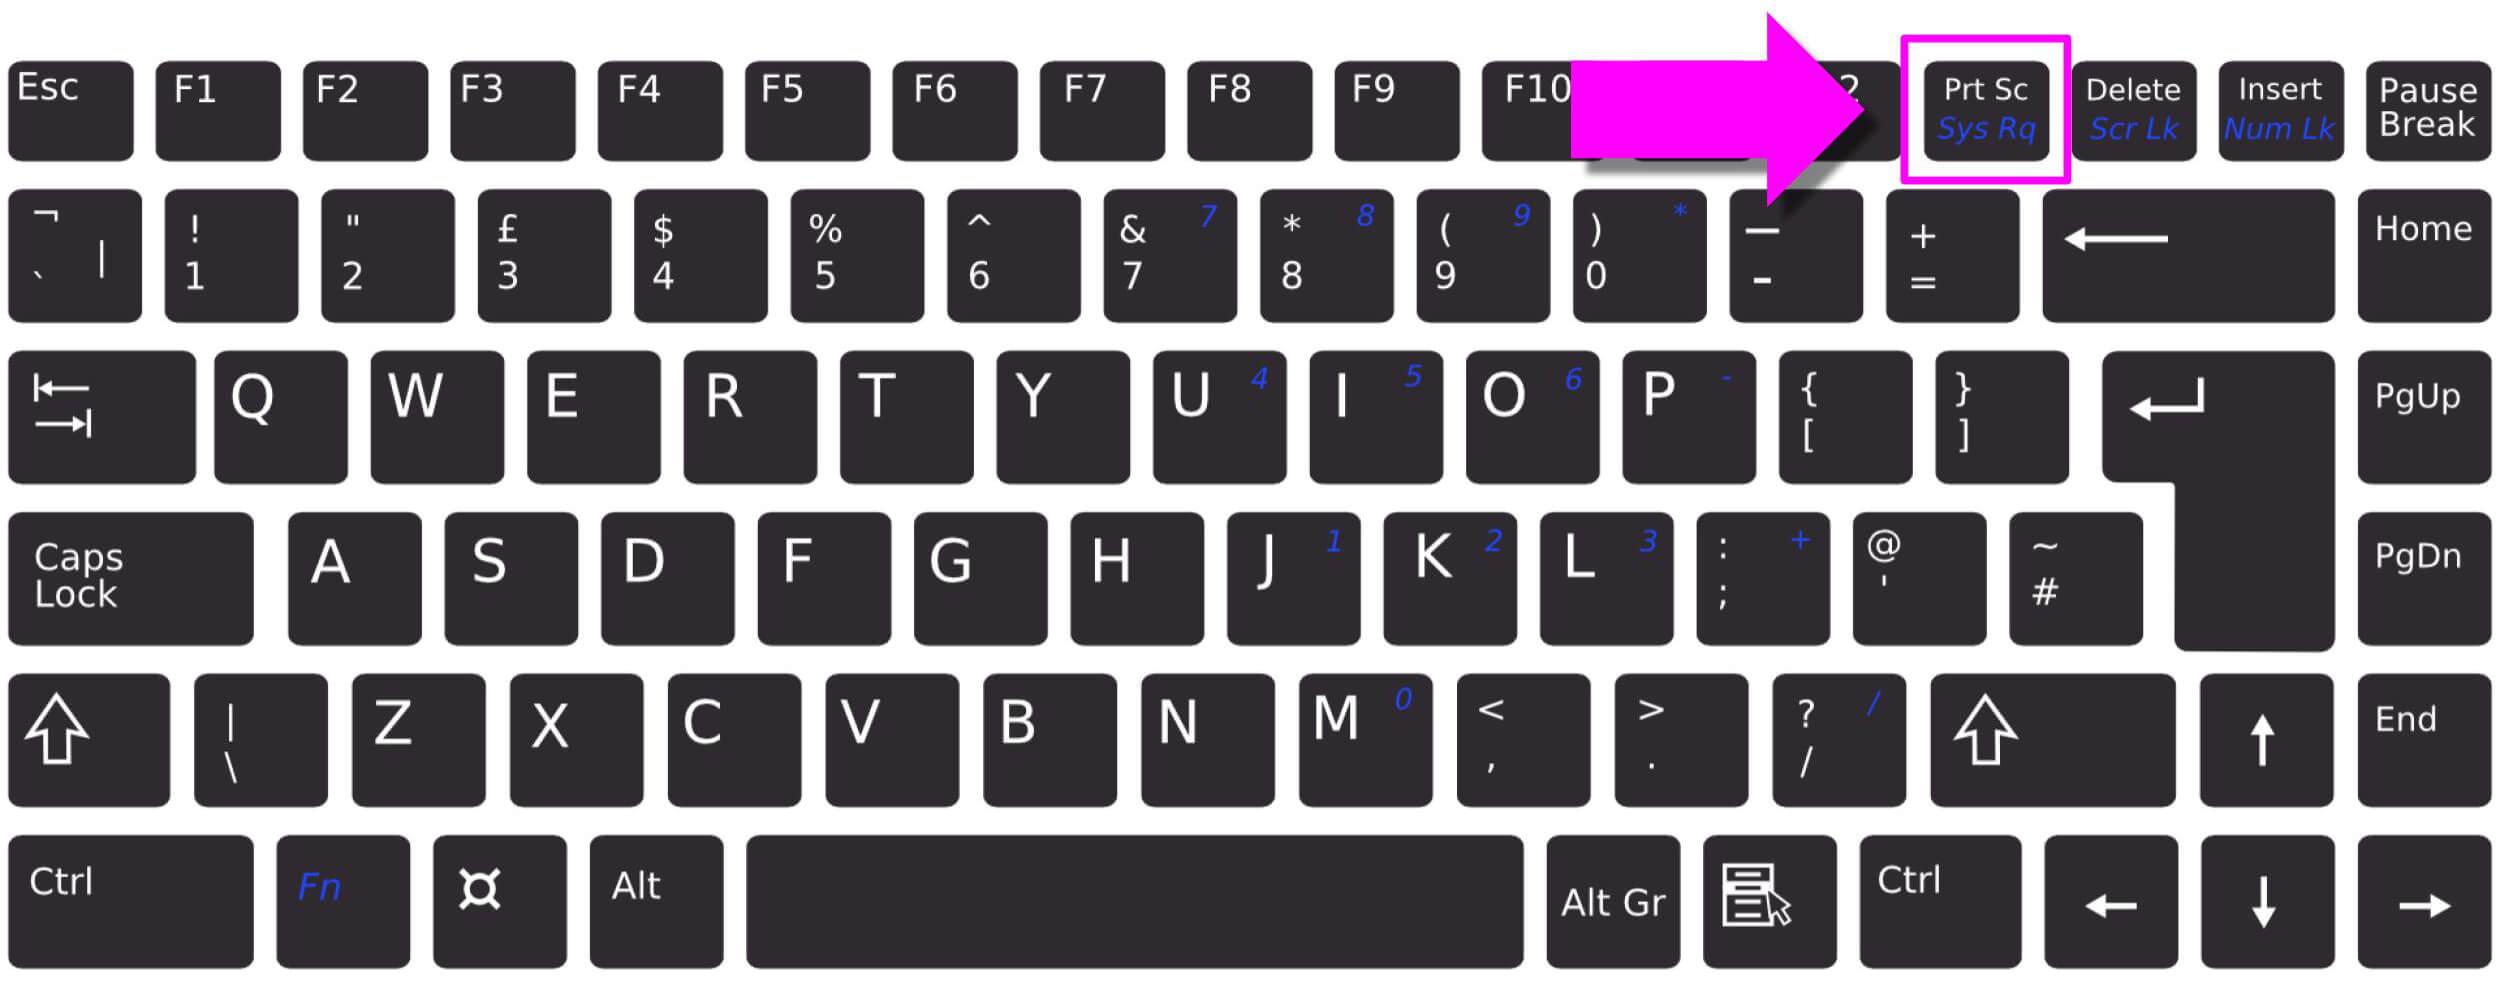 キーボード「Print Screen」の位置